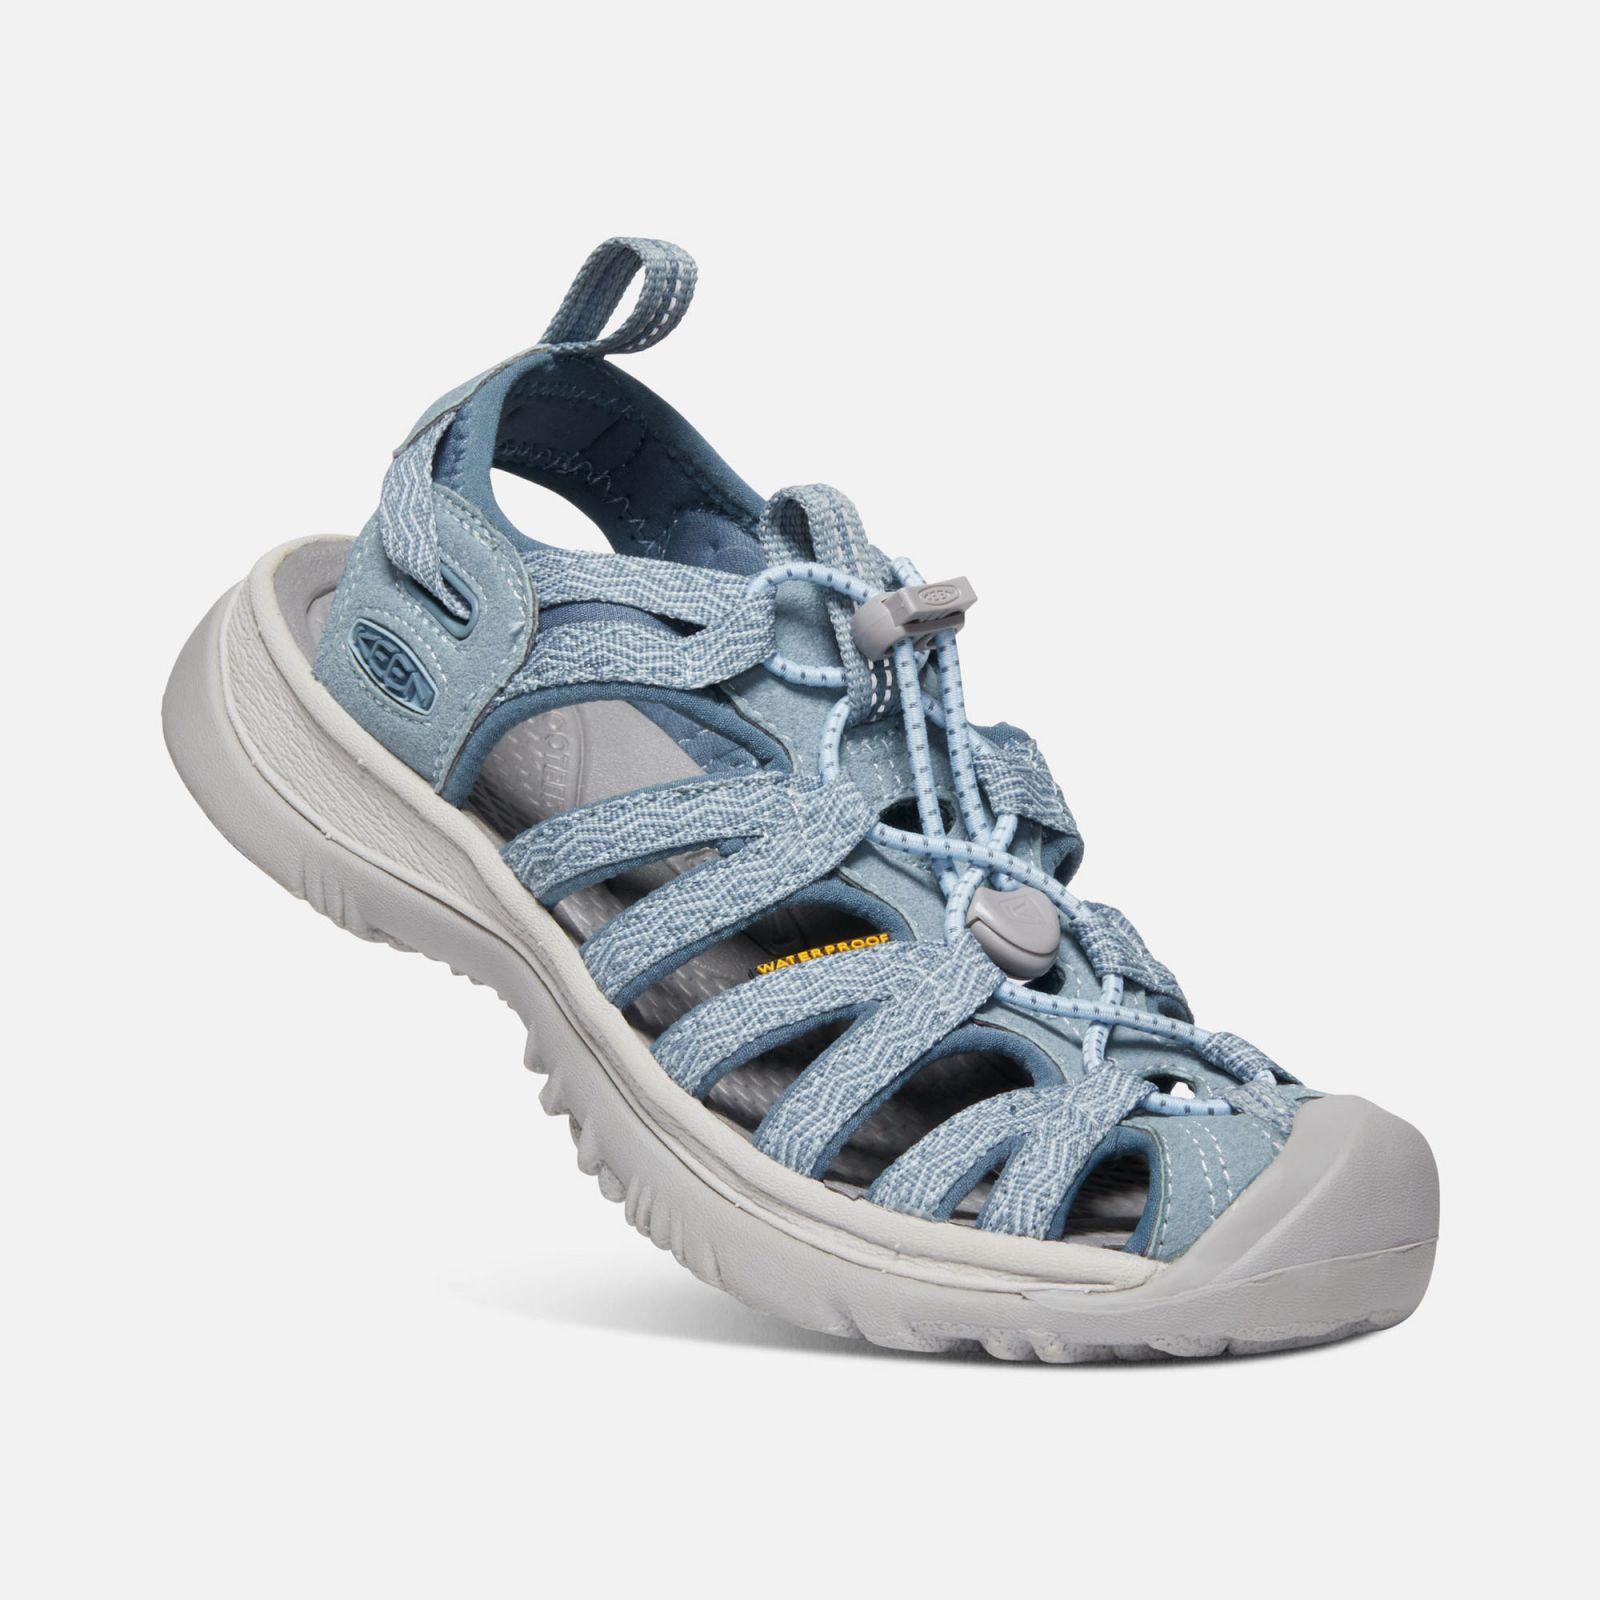 KEEN Whisper W Citadel / Blue mirage dámský sandál